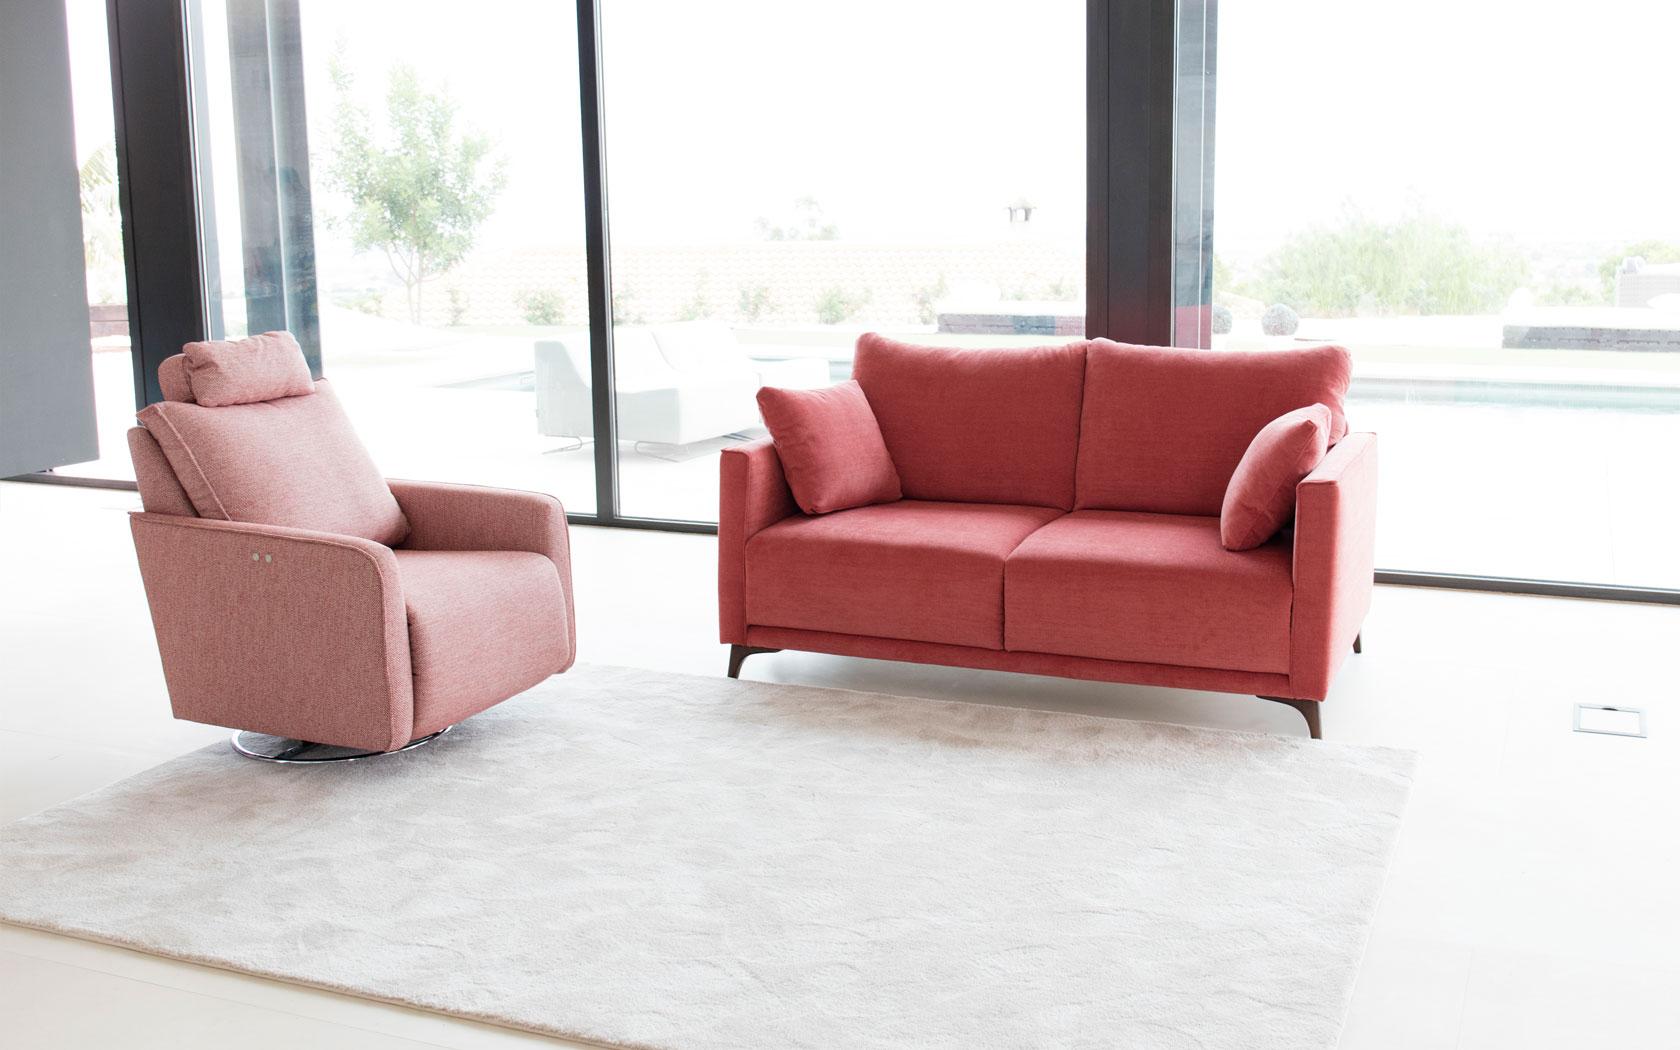 Dali sofa cama 2020 02